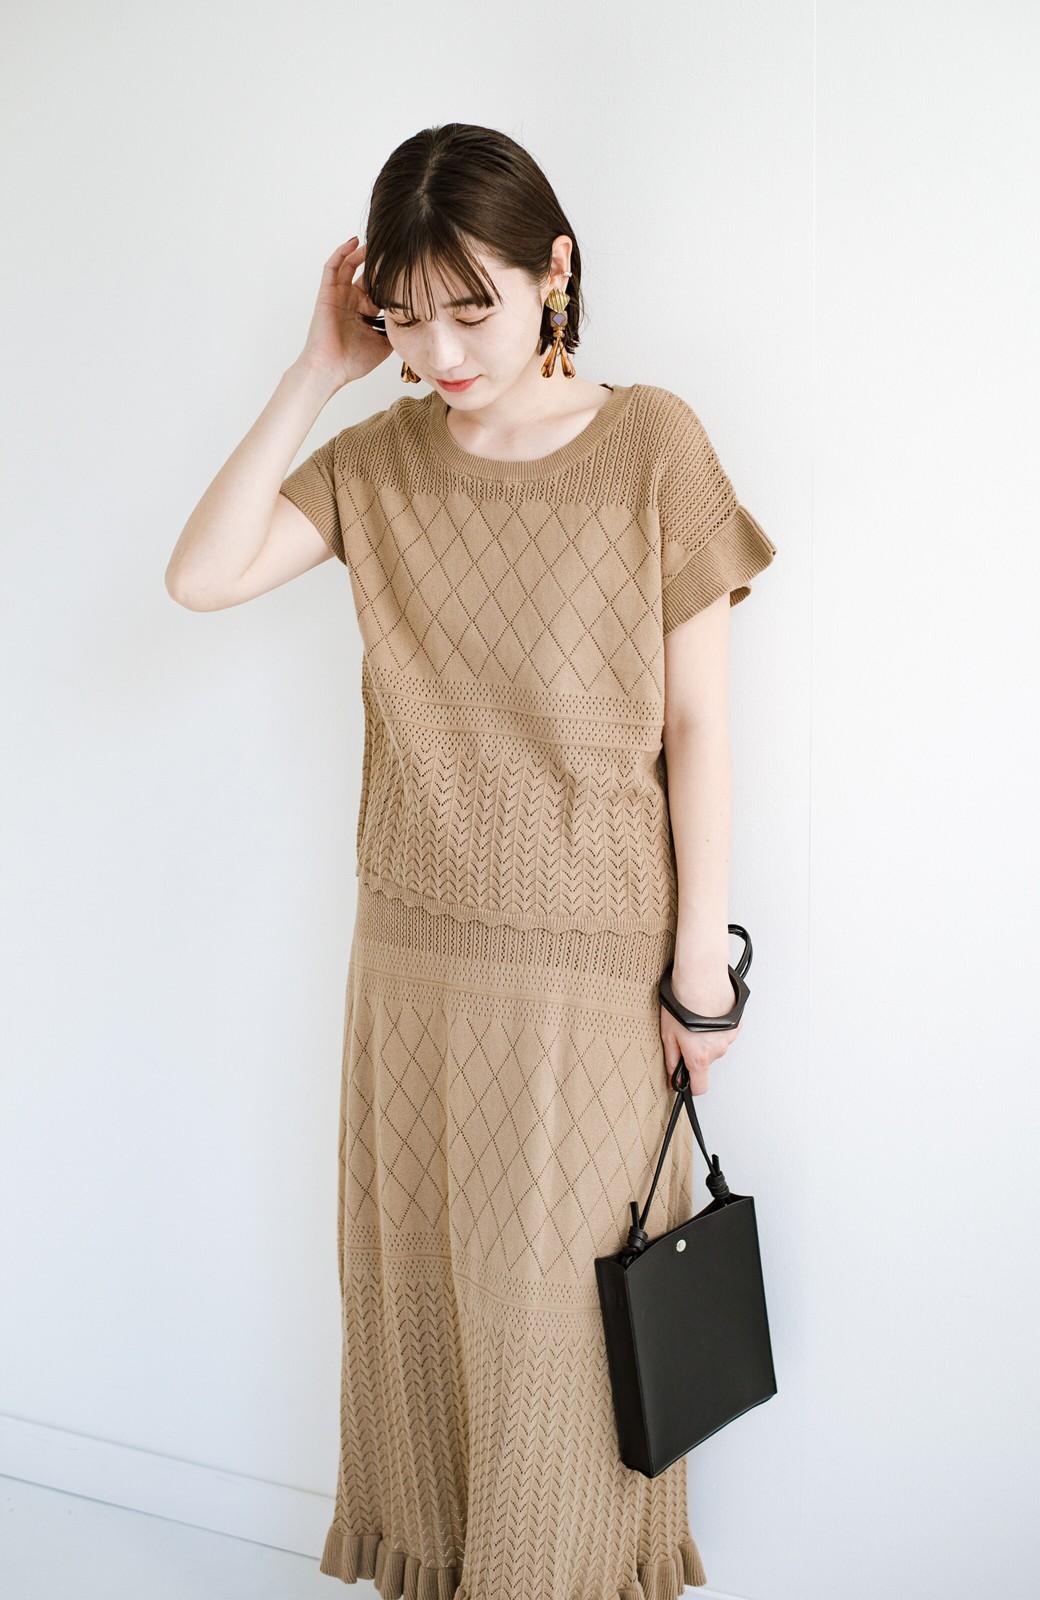 haco! (φ)透けすぎないから安心して着られる 華やか透かし編みニットトップス <カーキブラウン>の商品写真20